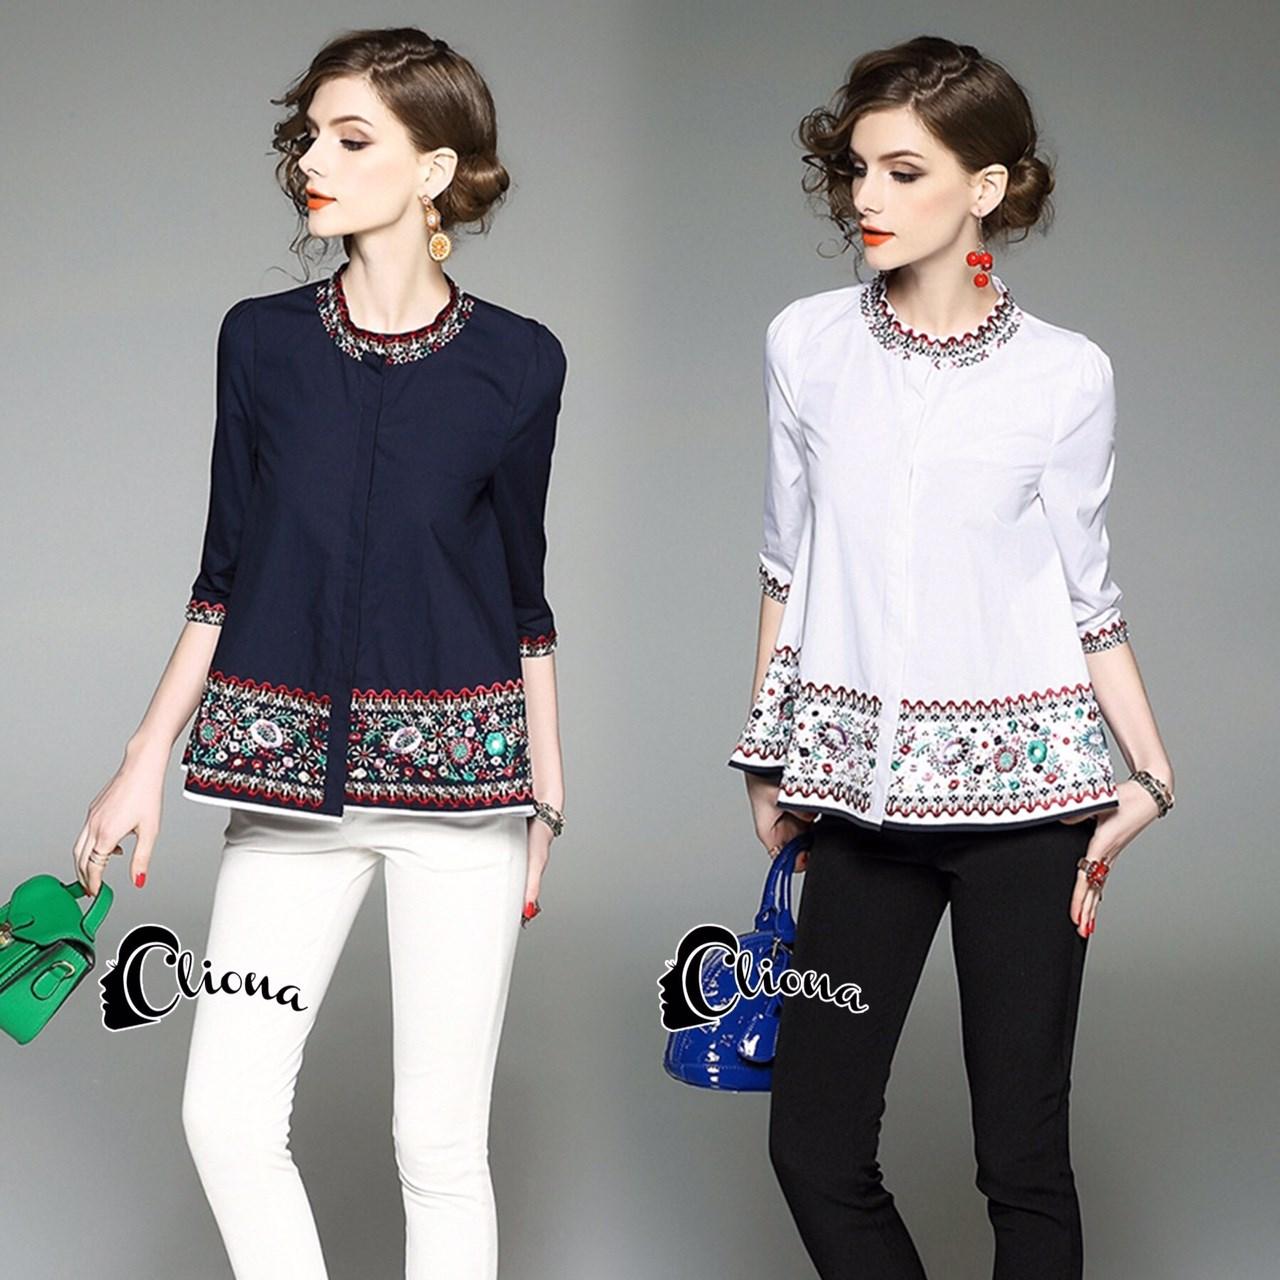 shirt แขนยาวผ้า cotton สีพื้น ขาว/กรม